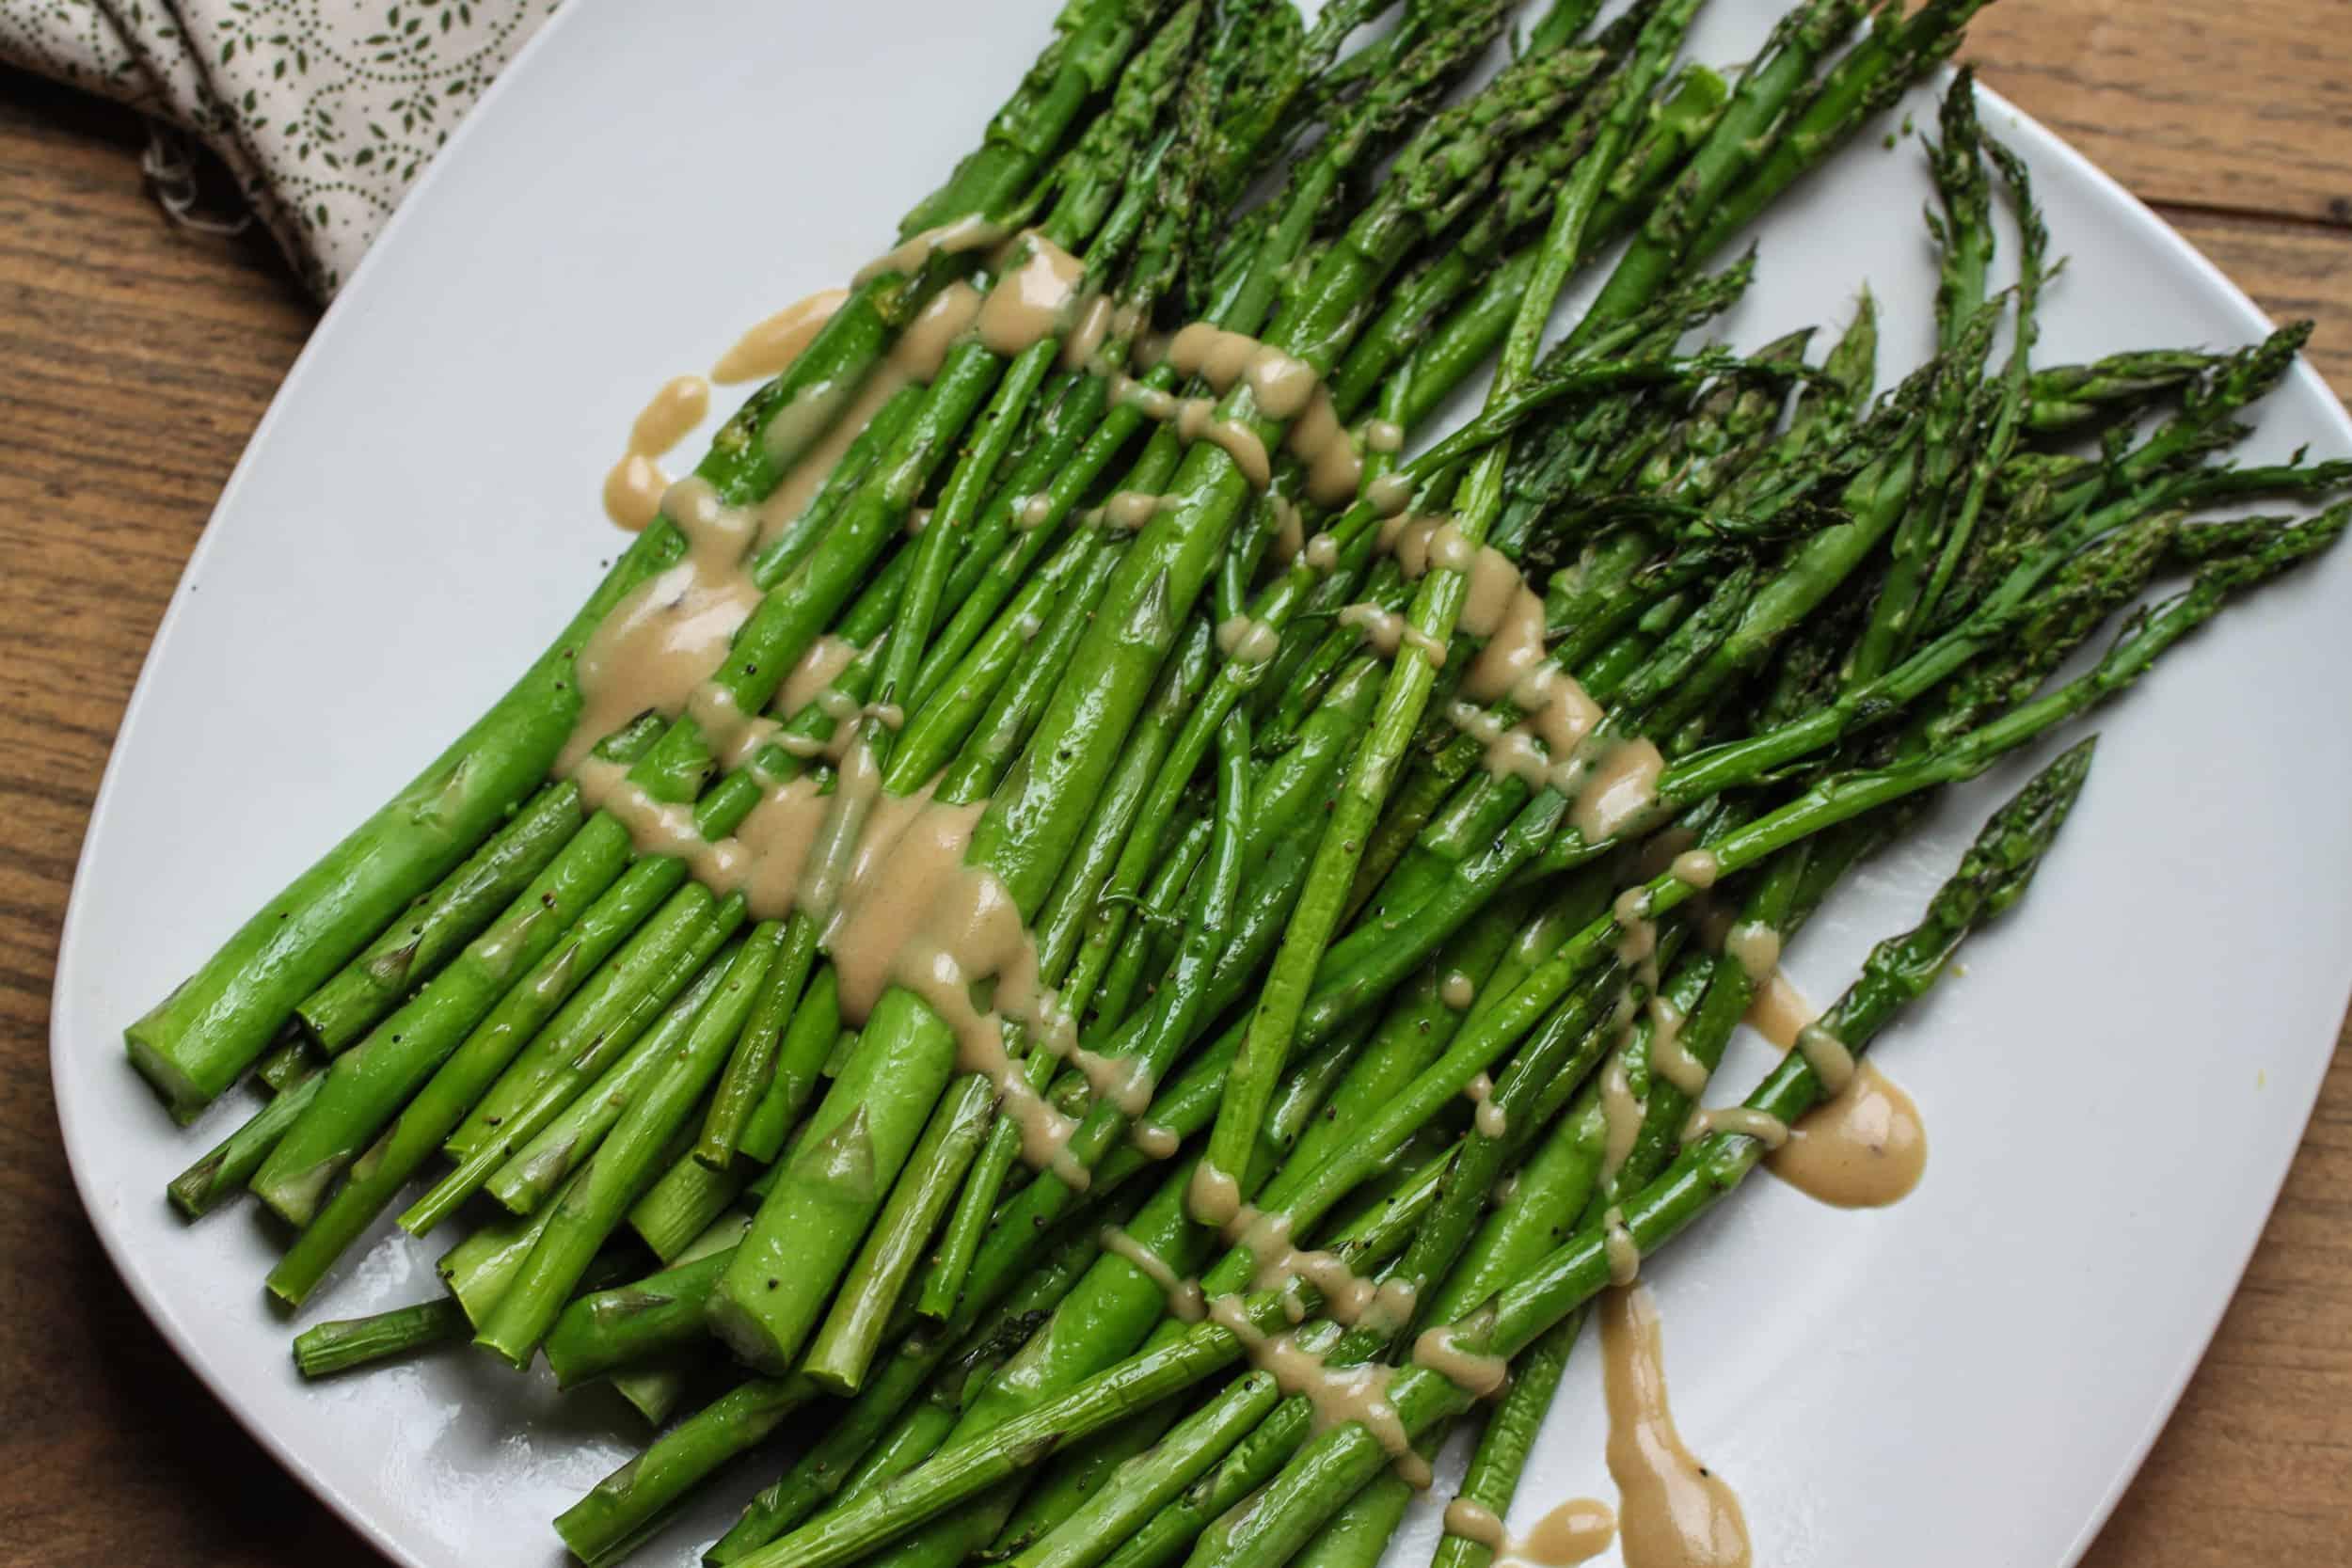 asparagus 2 of 3